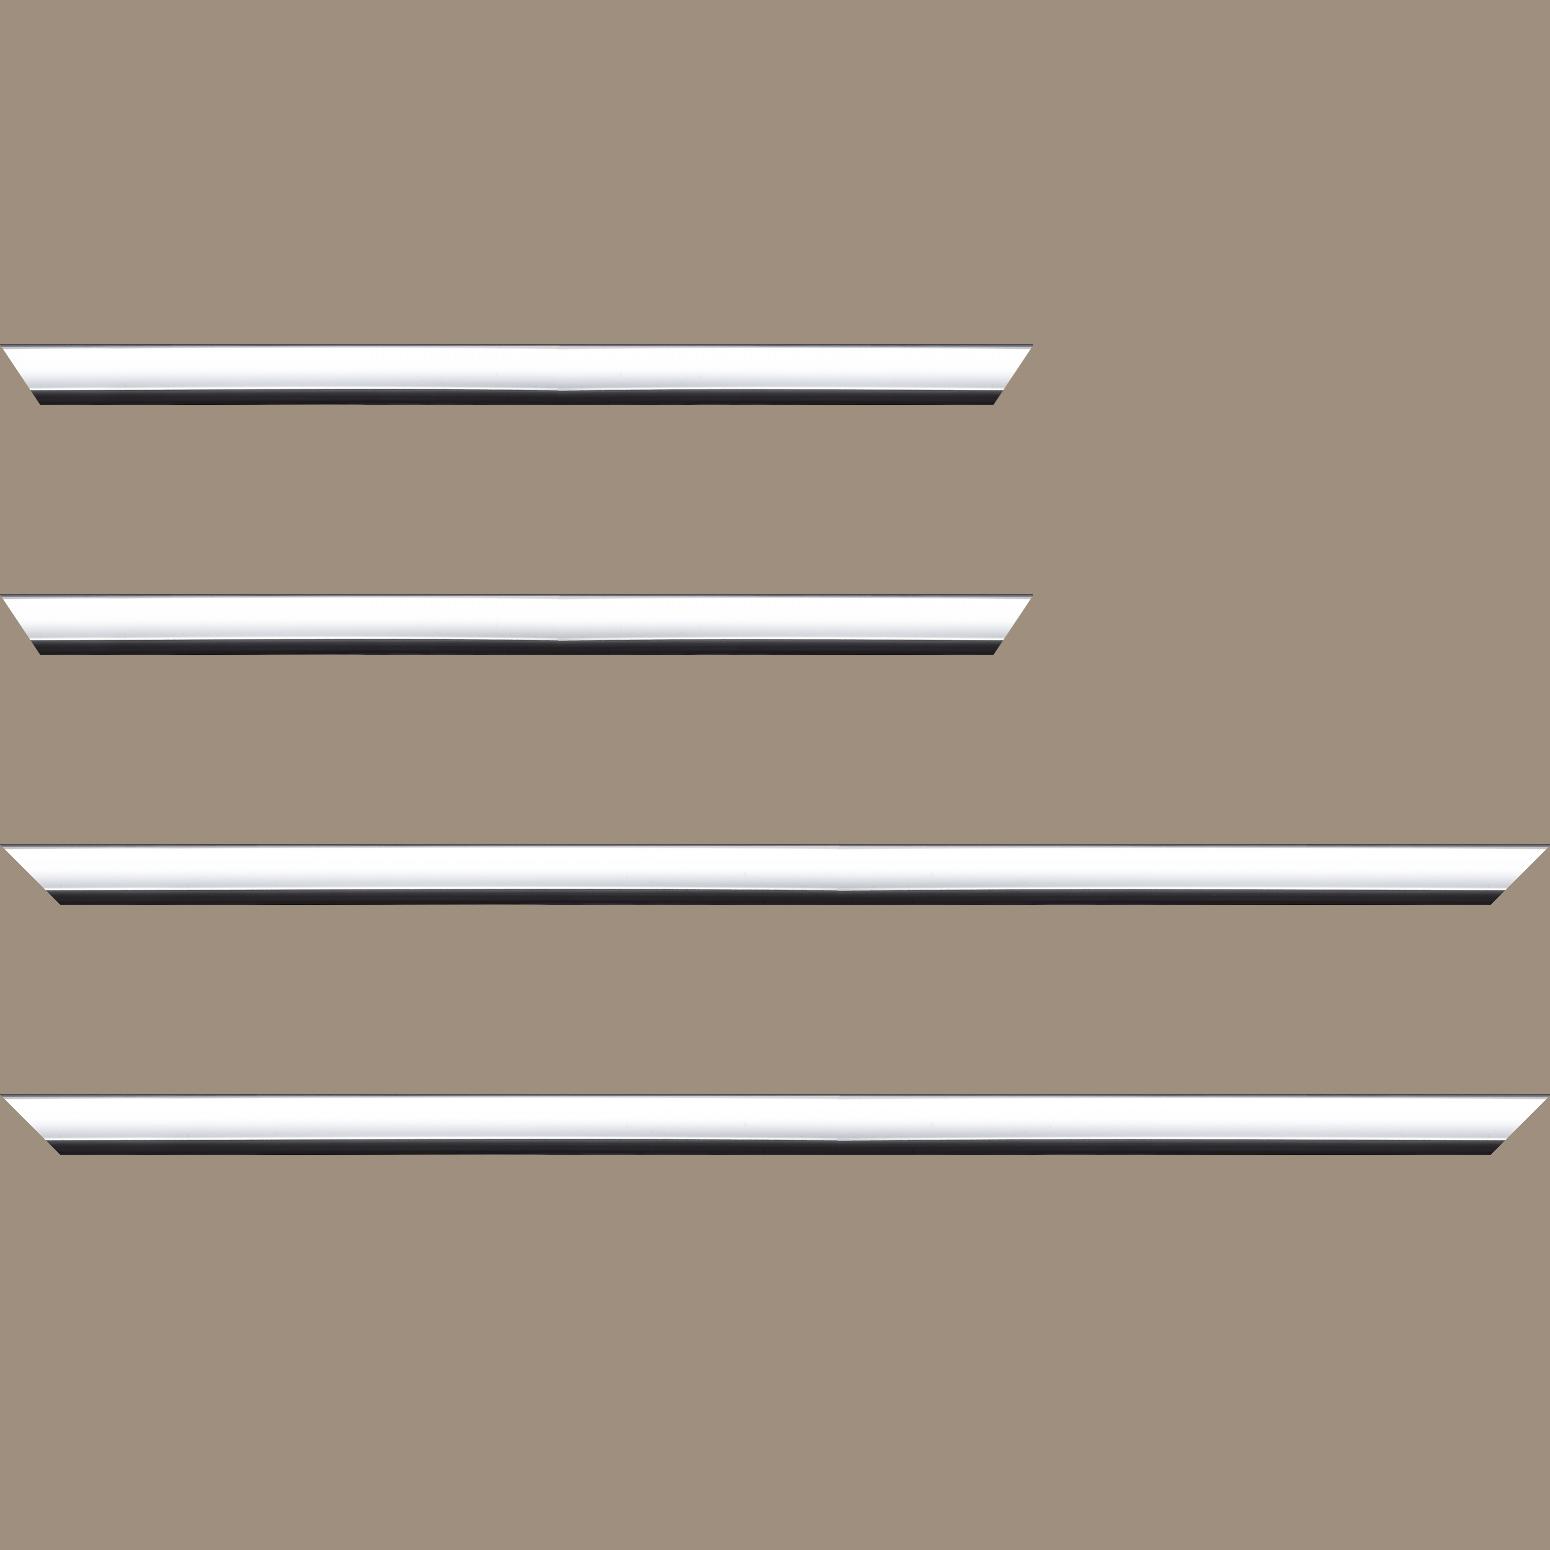 Baguette service précoupé Bois profil arrondi largeur 2.1cm couleur blanc mat filet noir